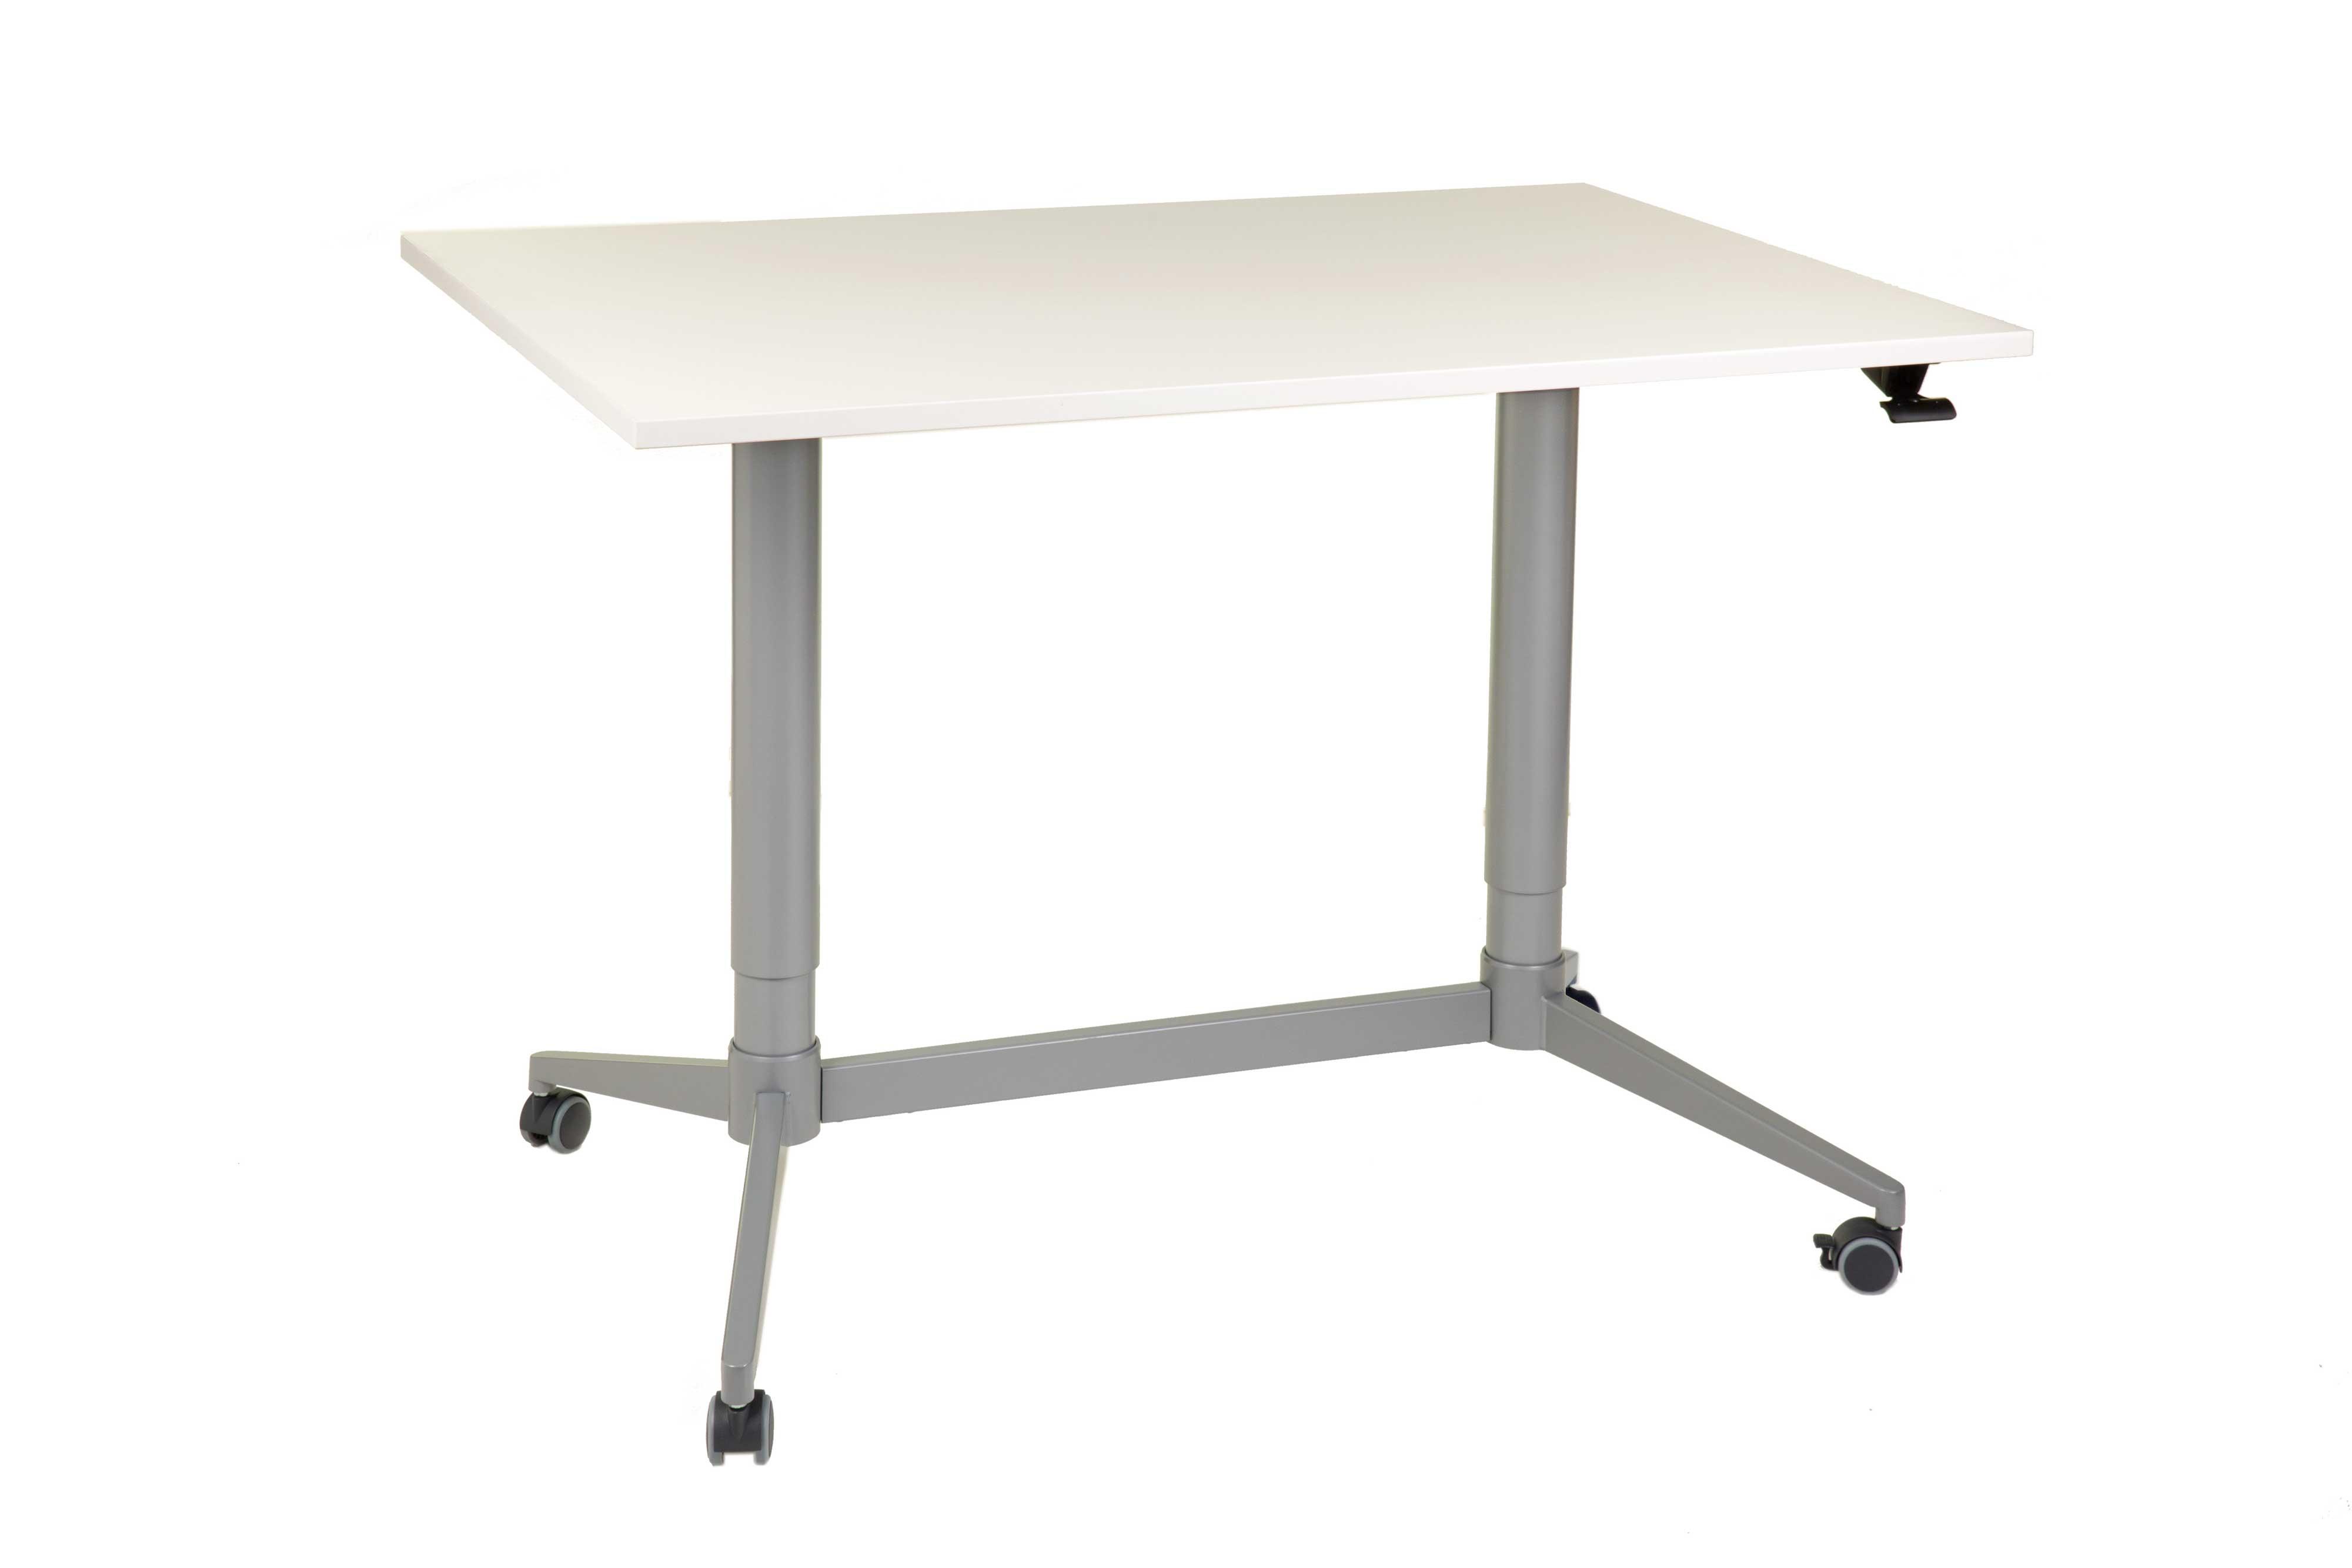 FTI Greenline Mono skrivebord - hvid laminat, m. hæve/sænke funktion (70x120)